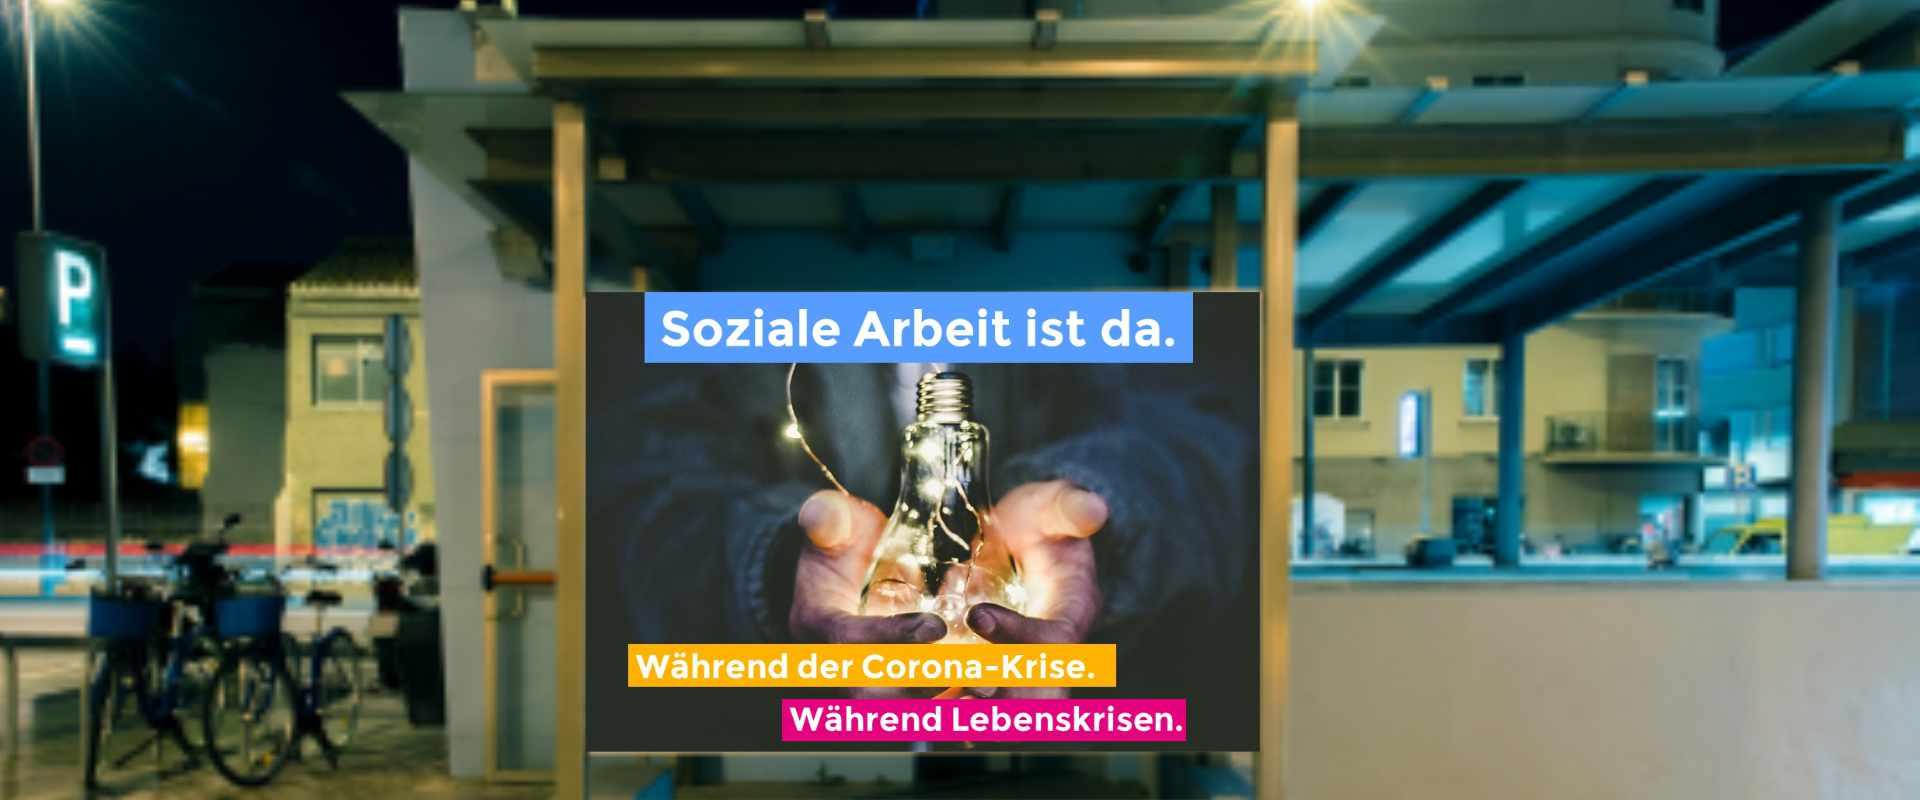 Öffentlichkeitsarbeit Soziale Arbeit